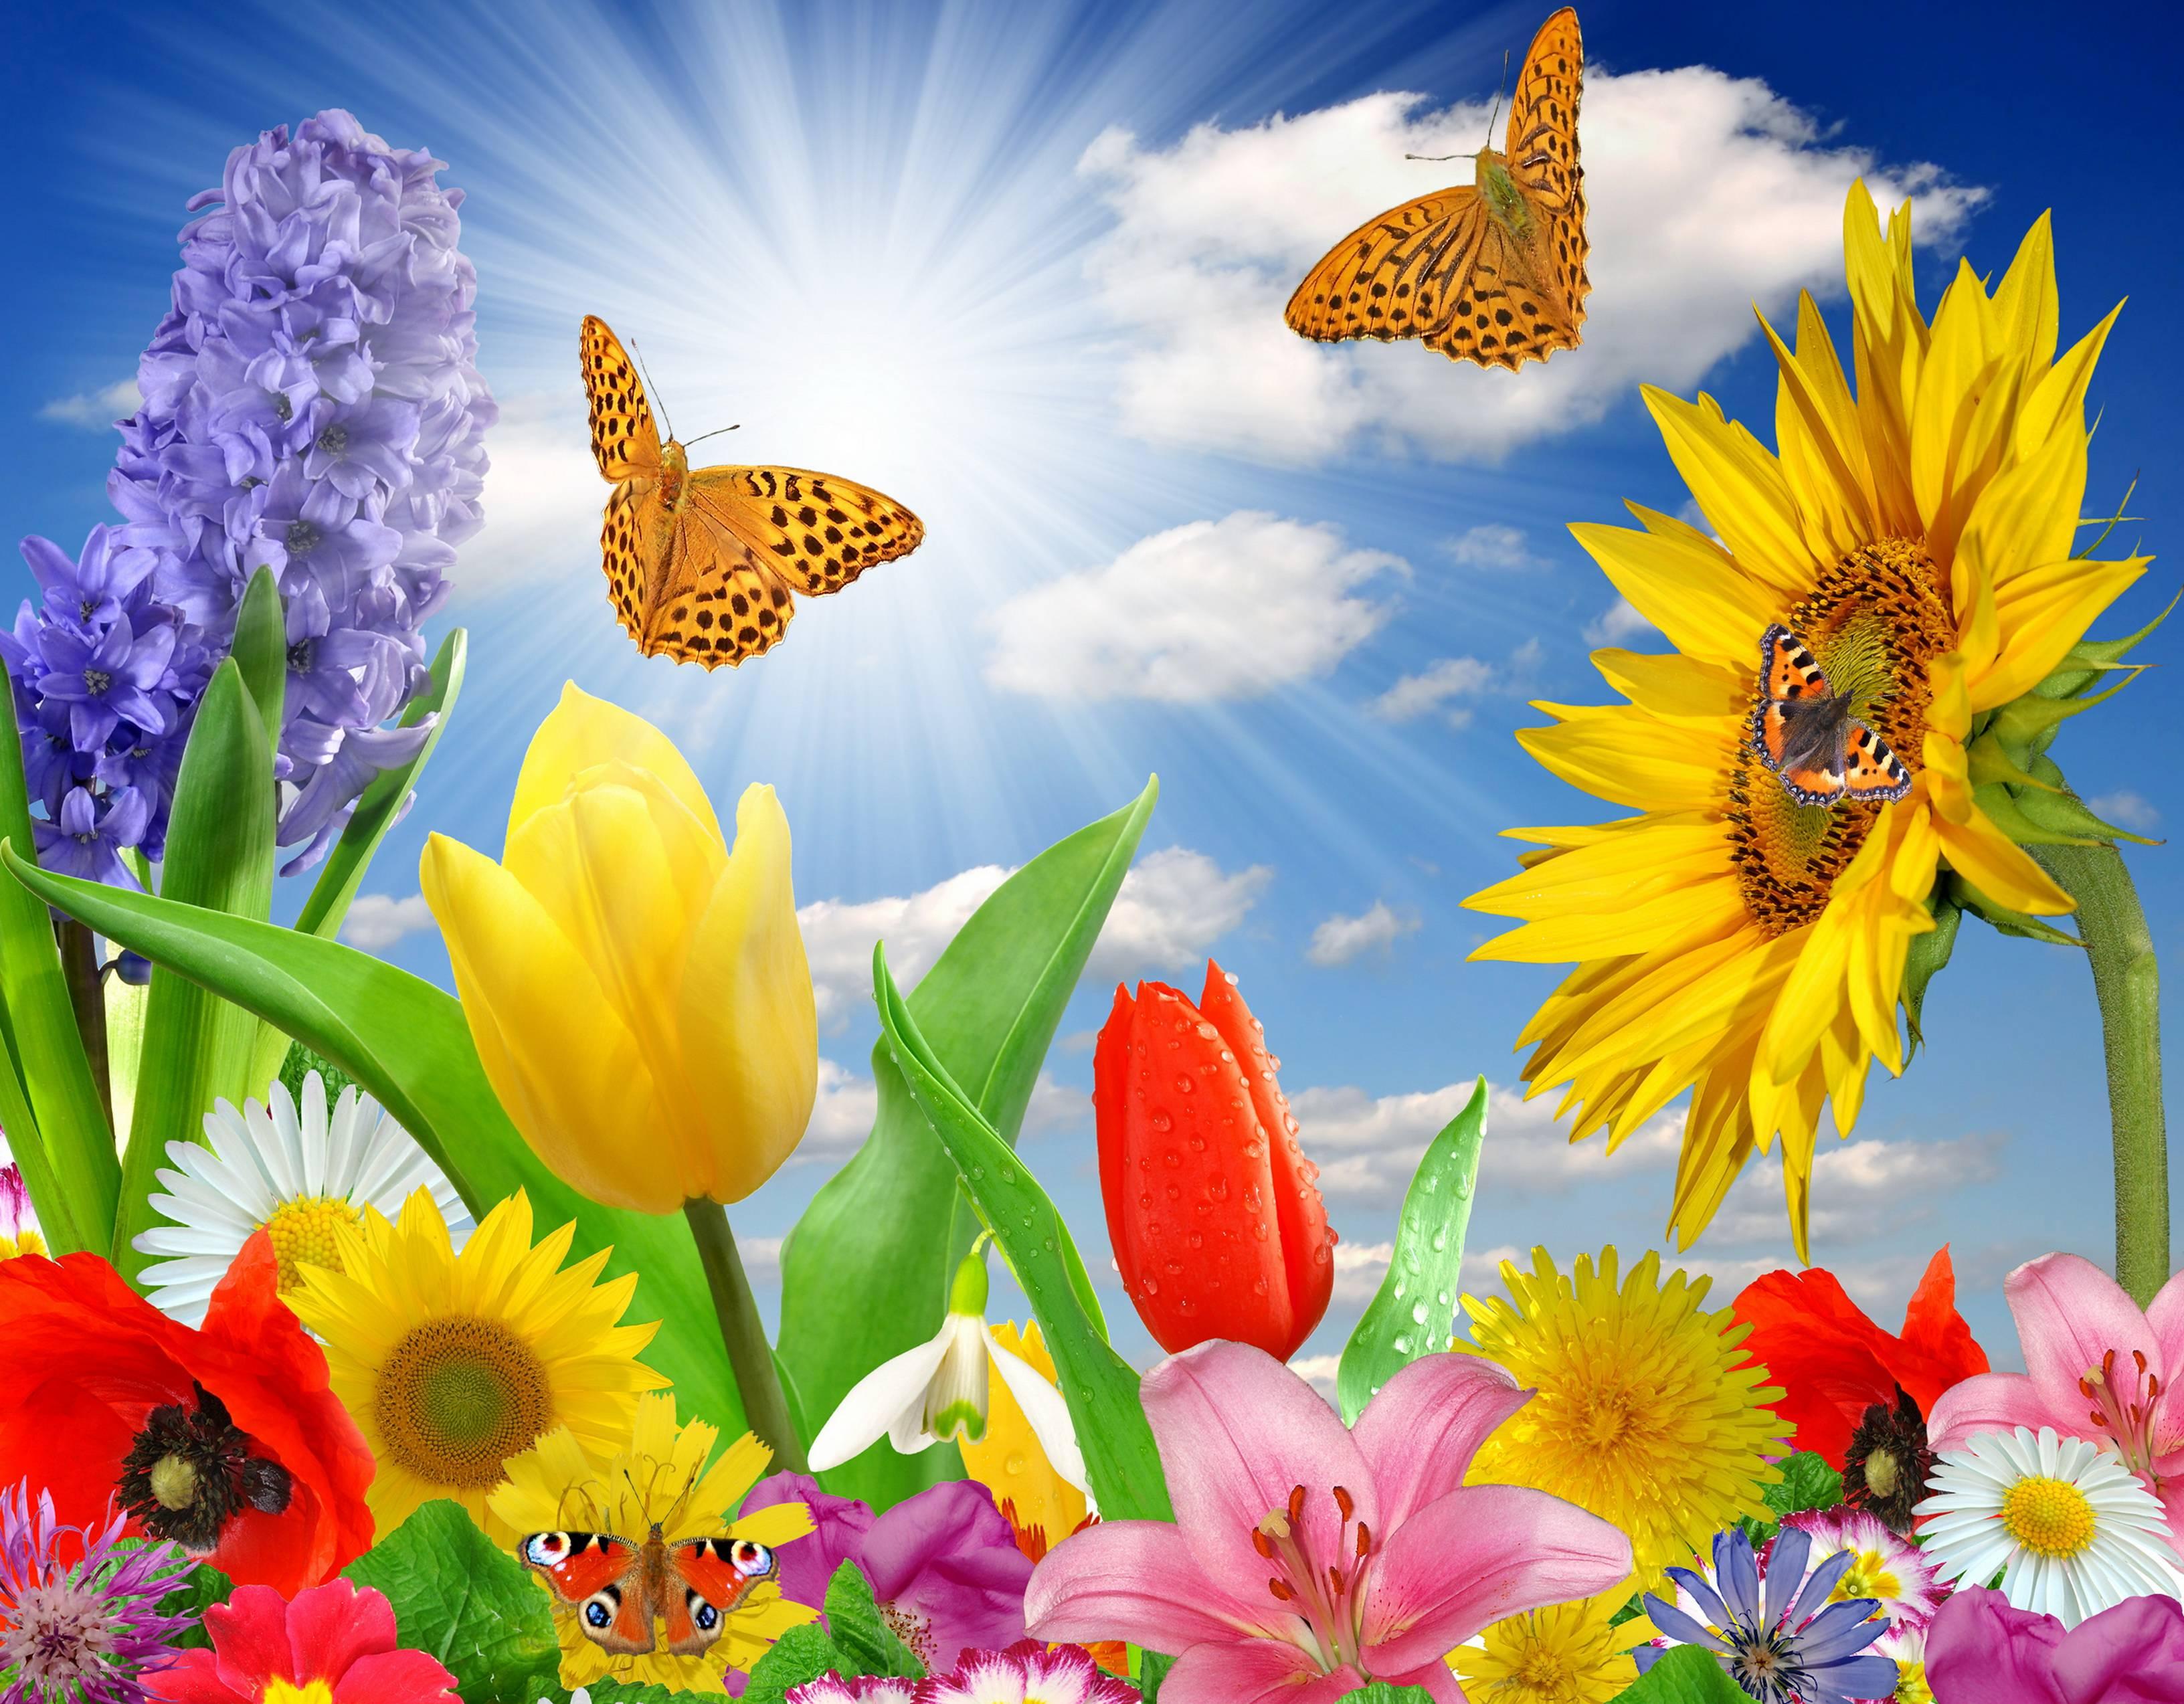 Spring Flower Desktop Backgrounds 3264x2547